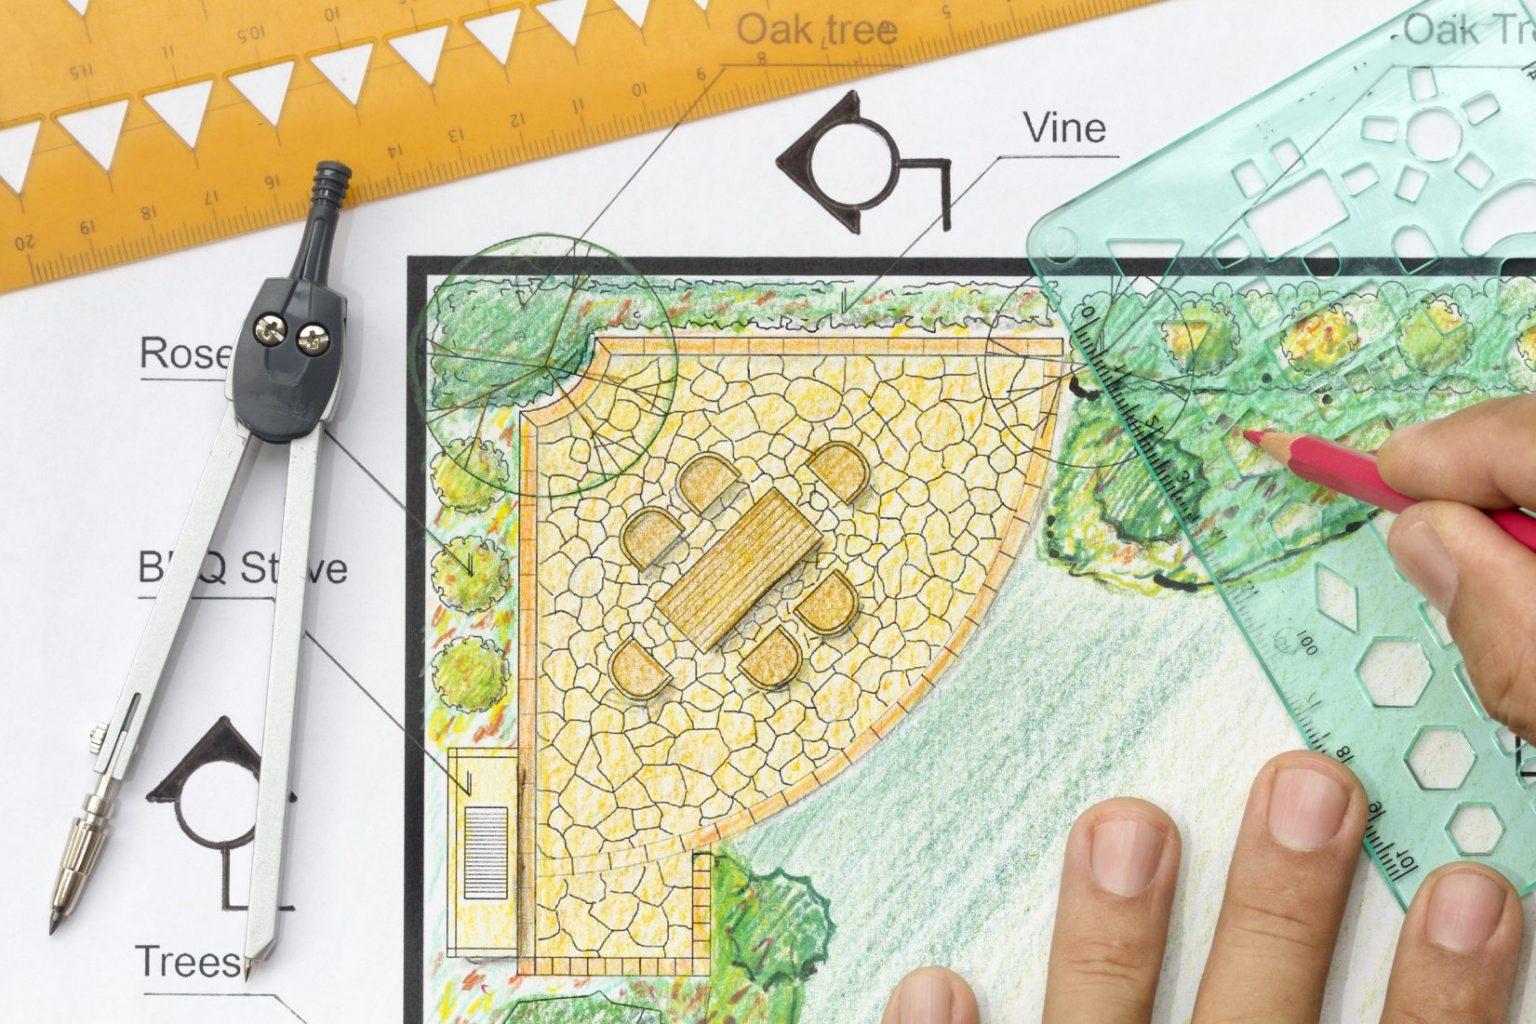 Delran Landscape Architects